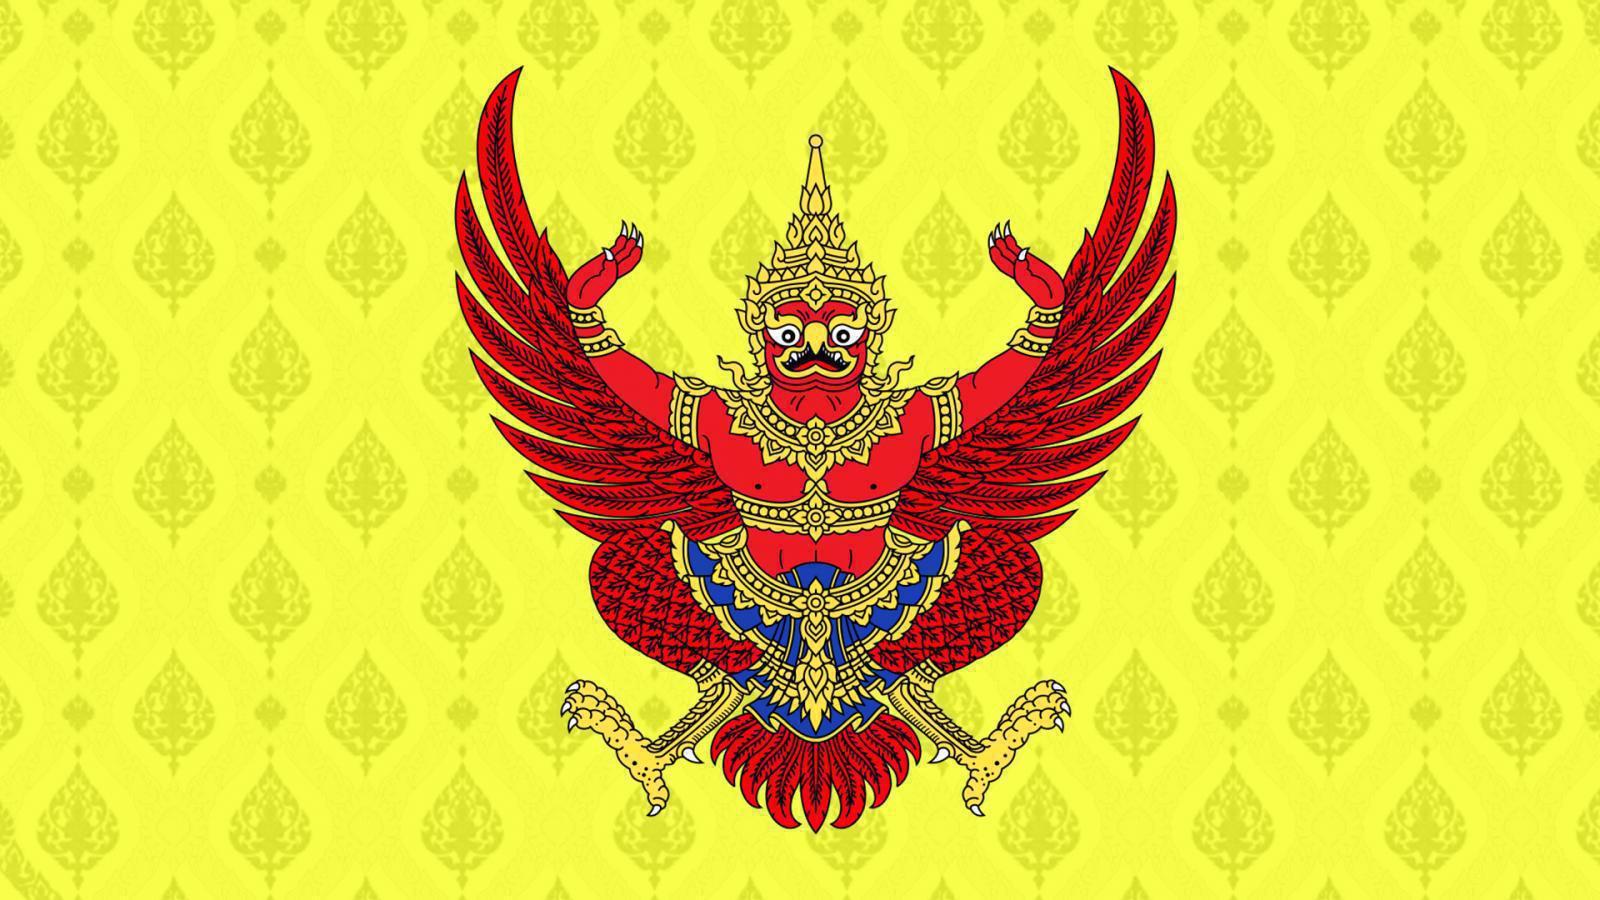 พระบรมราชโองการ โปรดเกล้าฯ พล.อ.ธรรมนูญ วิถี เป็นข้าราชการในพระองค์